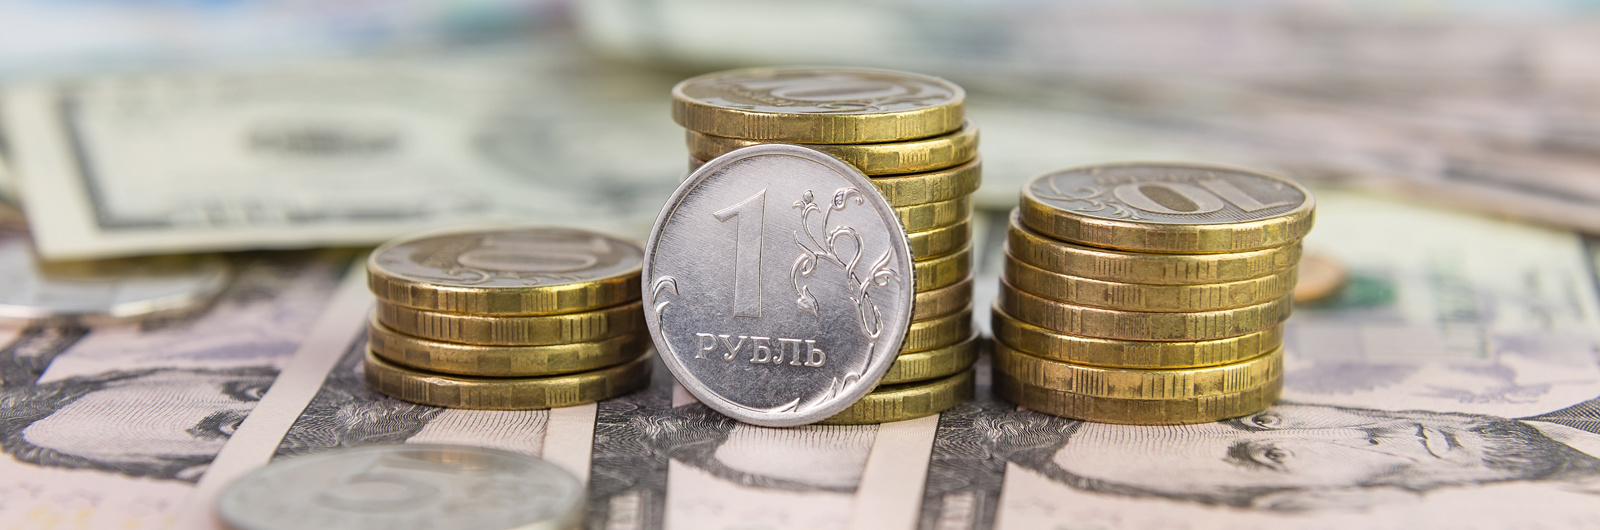 кредиты сбербанка отзывы зарплатных клиентов